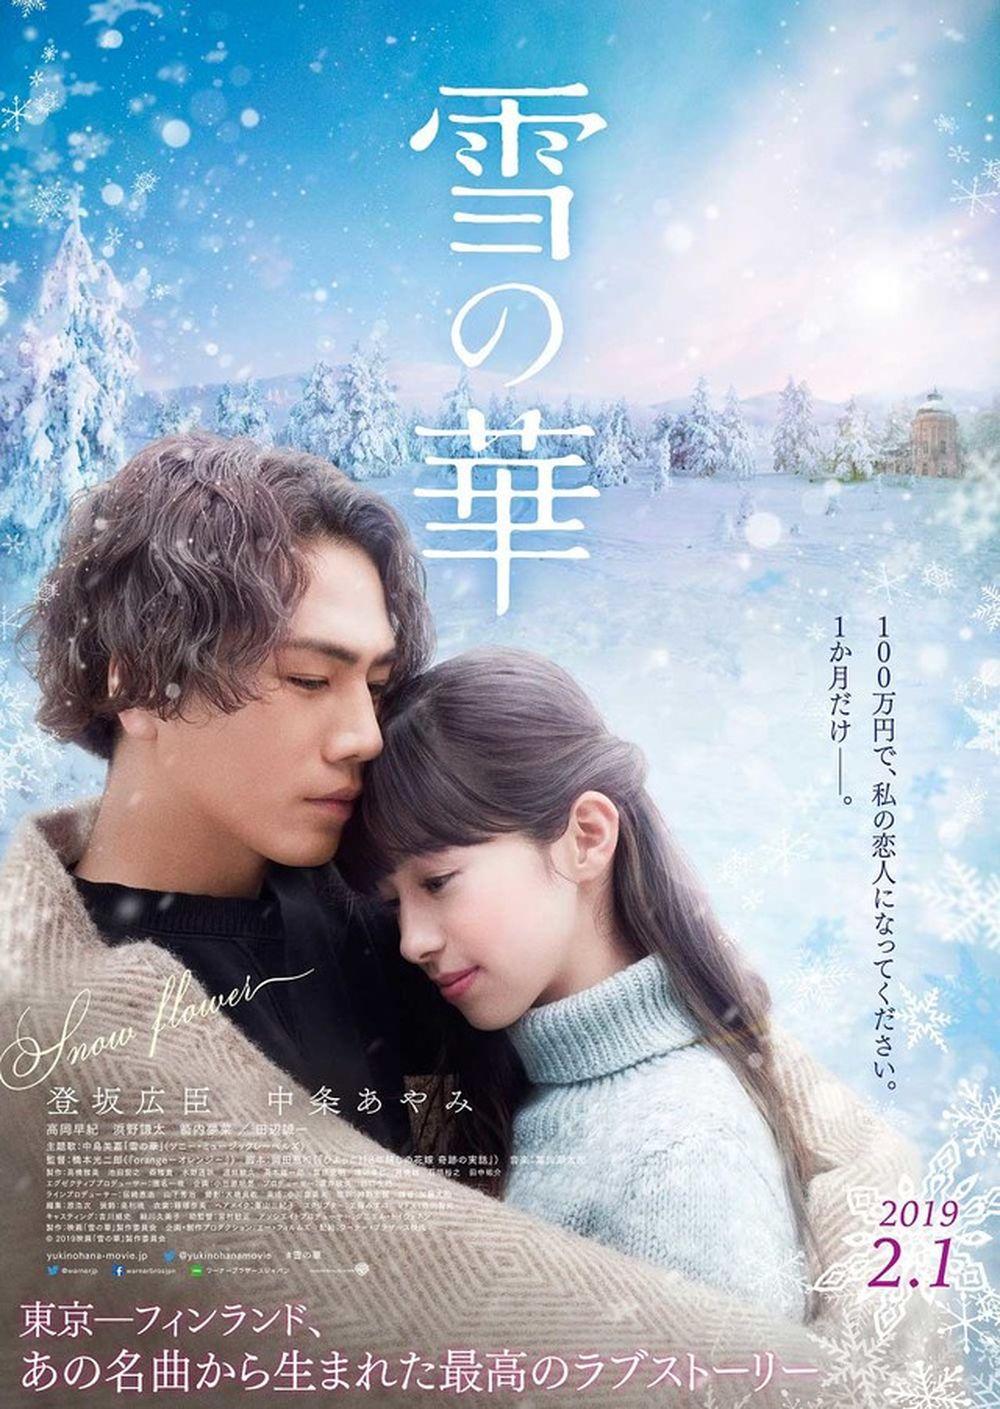 ... phim tung thêm hình ảnh poster với cảnh nền tuyết rơi ở Phần Lan cùng hai mẫu vé xem phim mua trước phiên bản mùa hè Phần Lan và mùa đông Phần Lan.